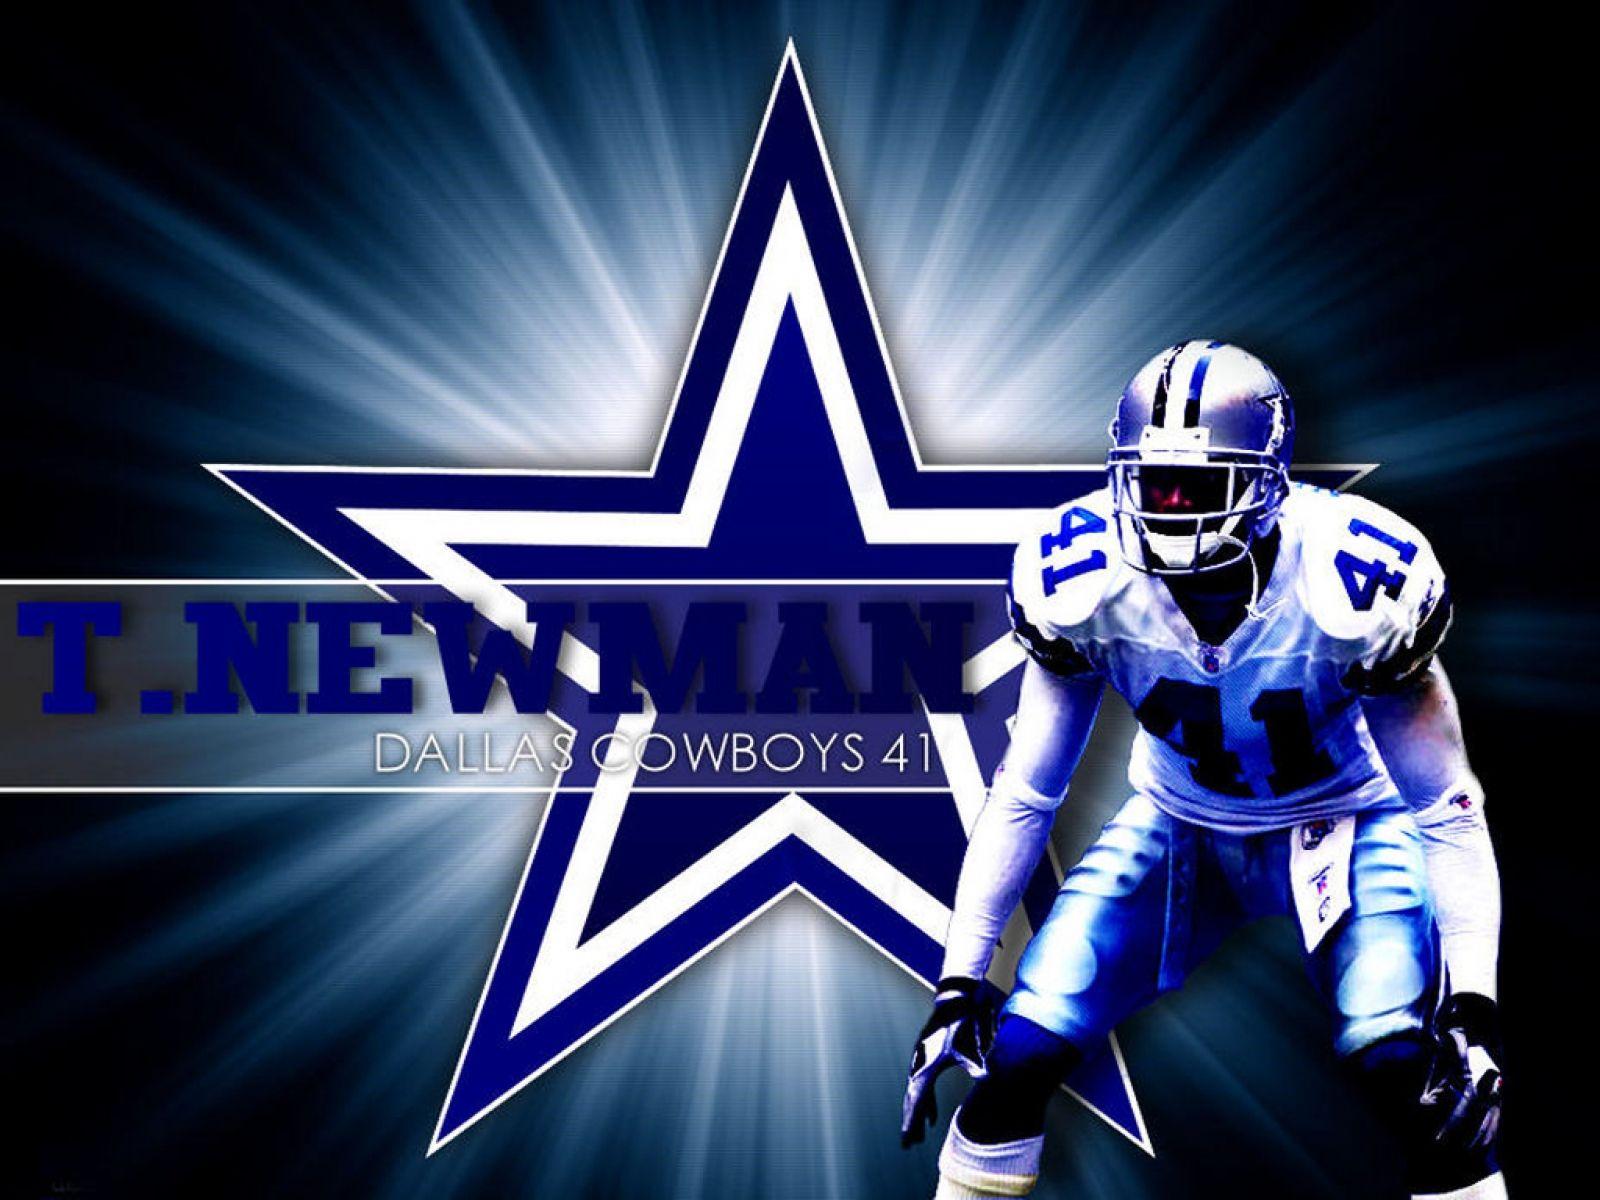 Dallas Cowboys background Dallas Cowboys wallpapers 1600x1200